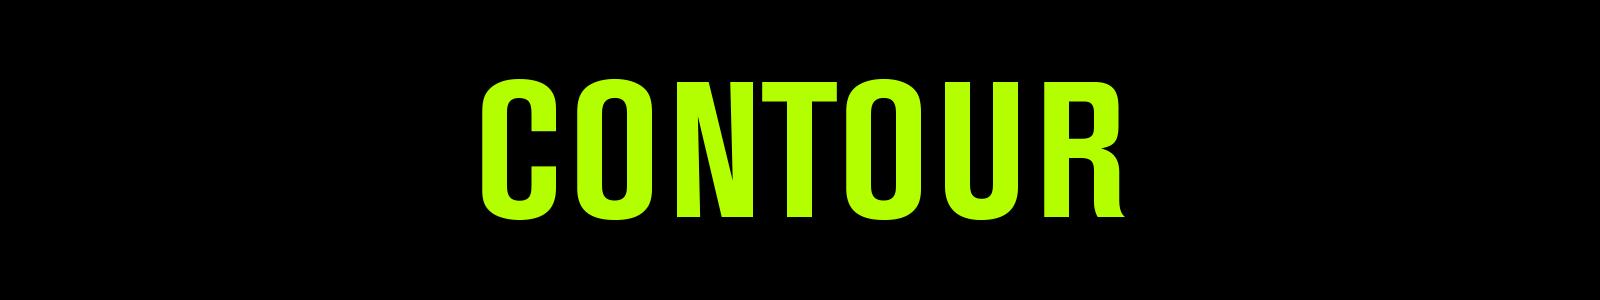 Contour.png